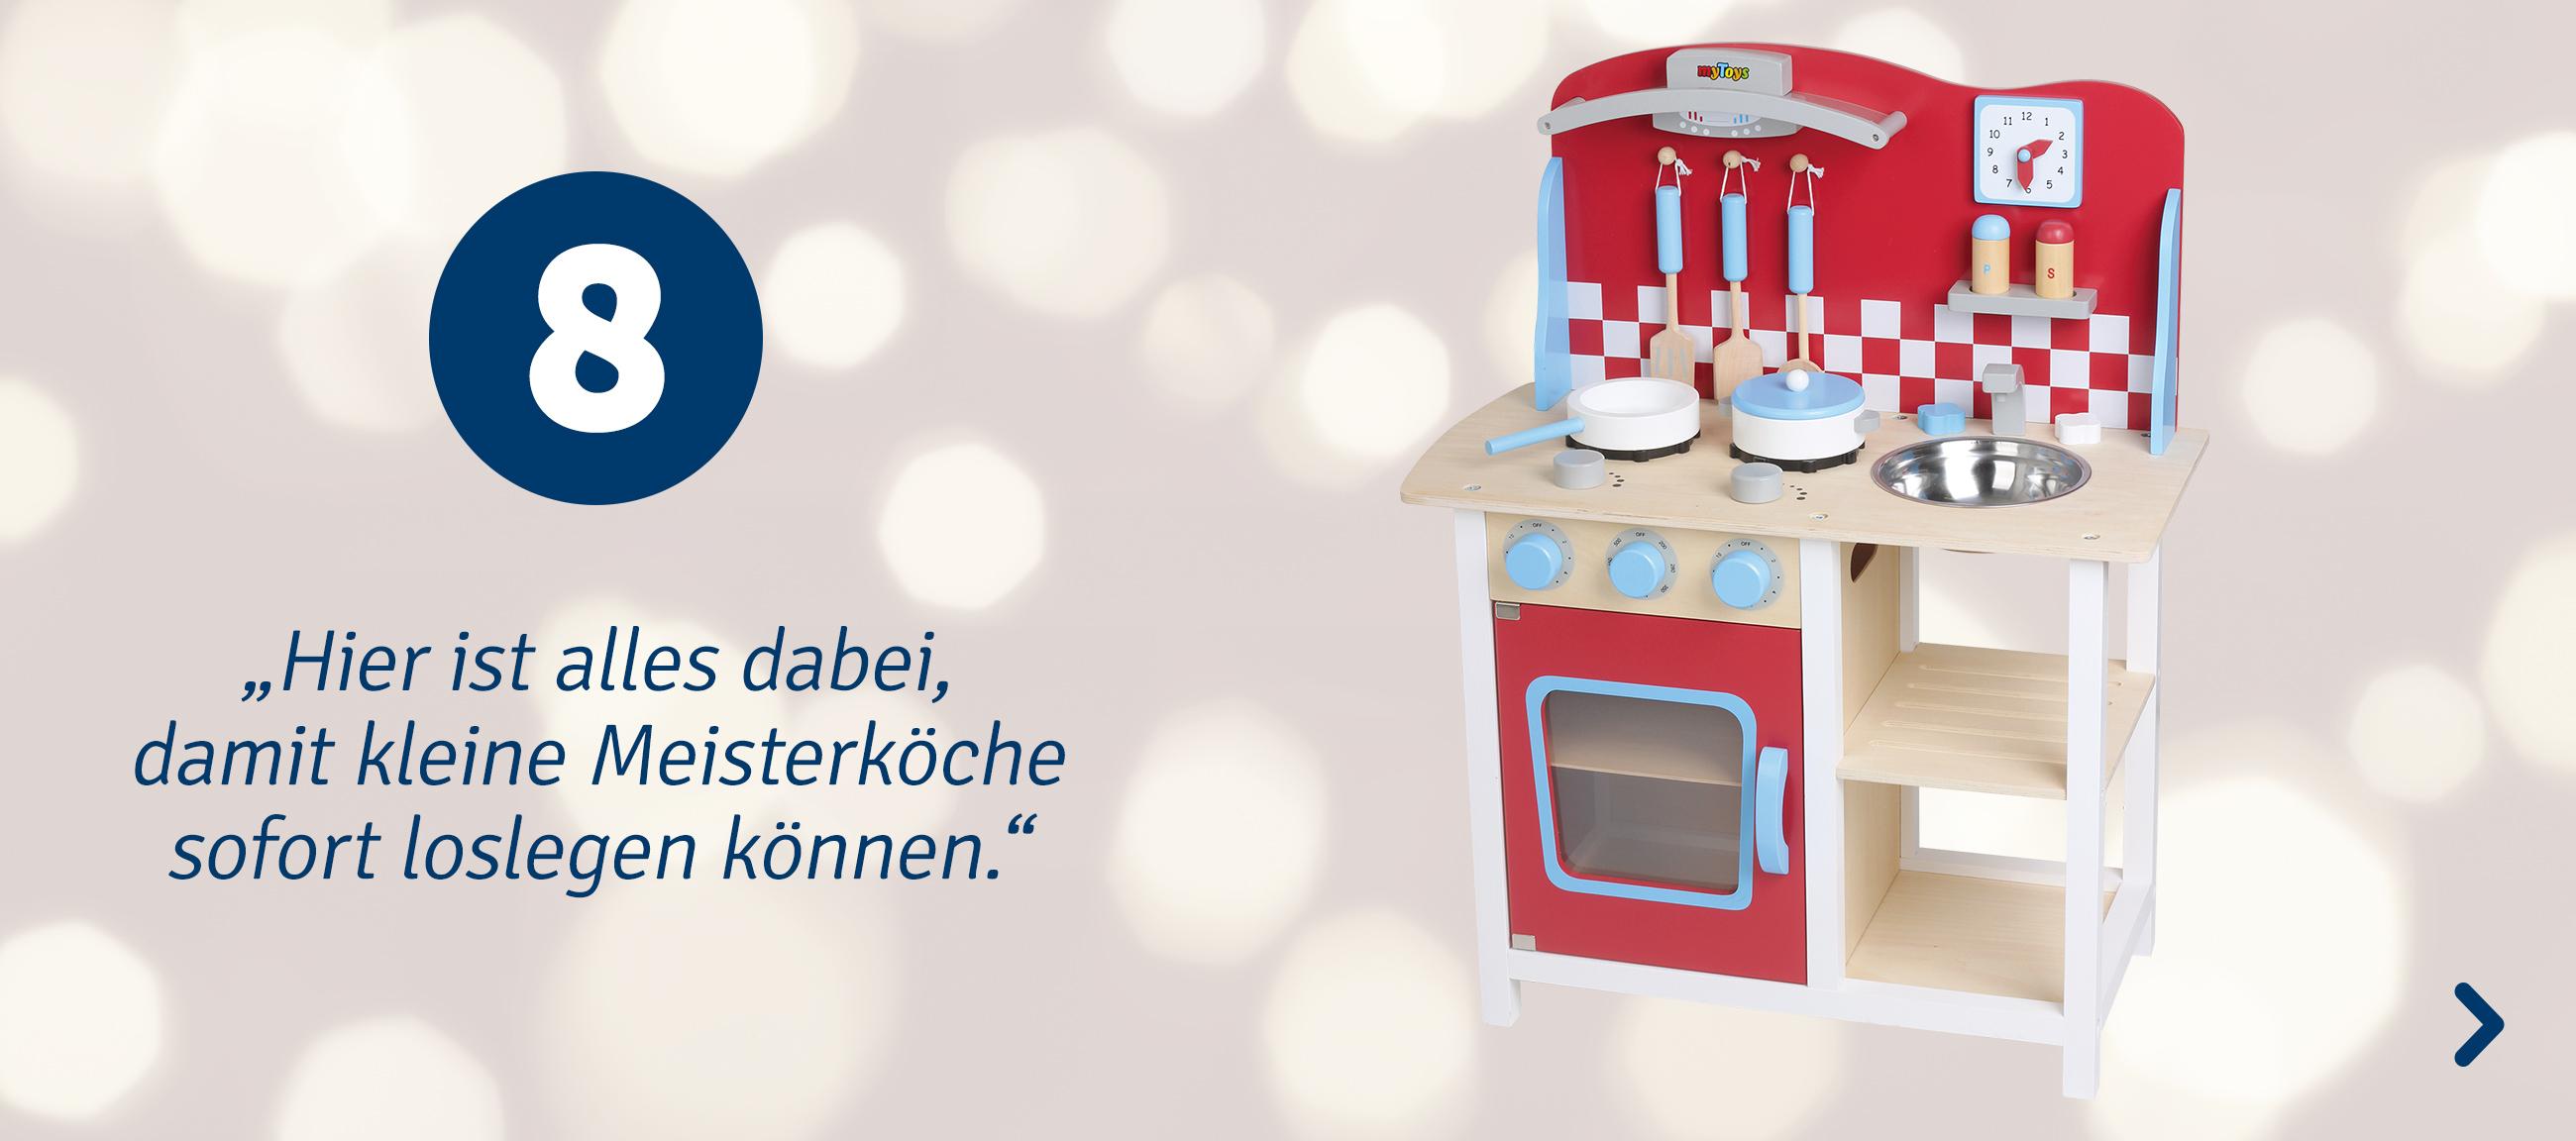 Top-Geschenke Weihnachten | myToys